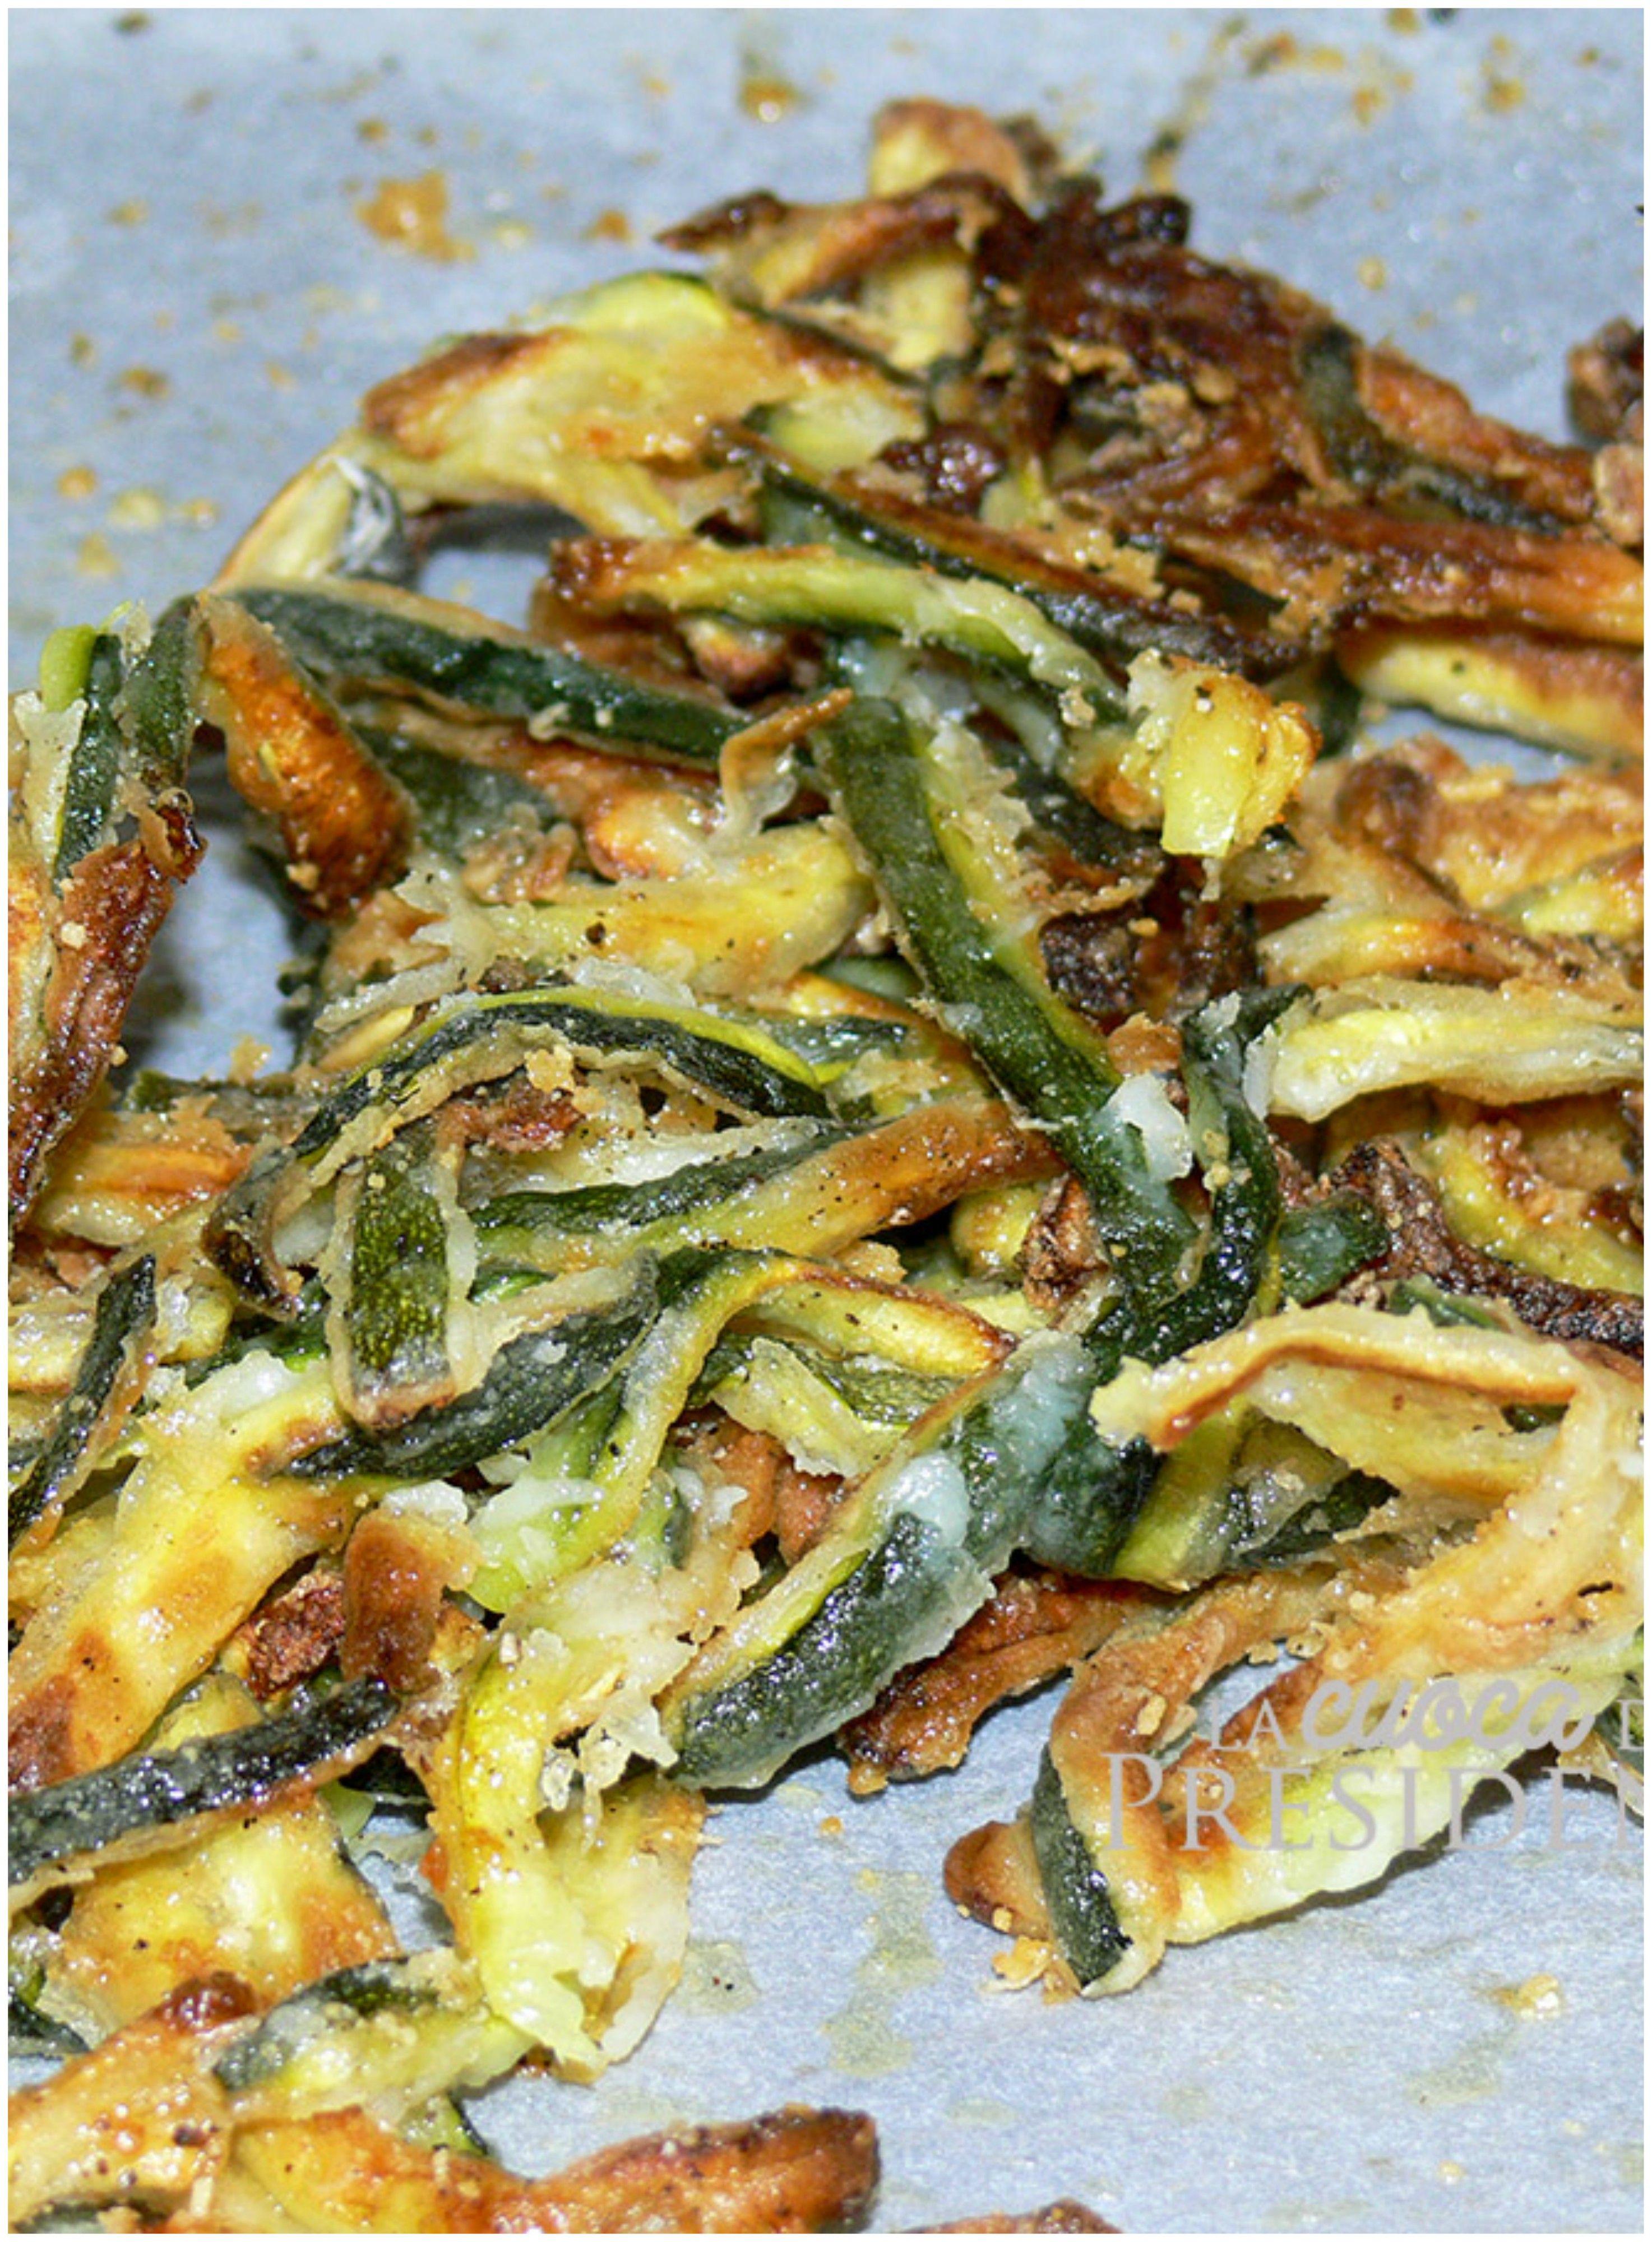 89280cf67cd39a976ace802727965339 - Ricette Con Zucchine Al Forno